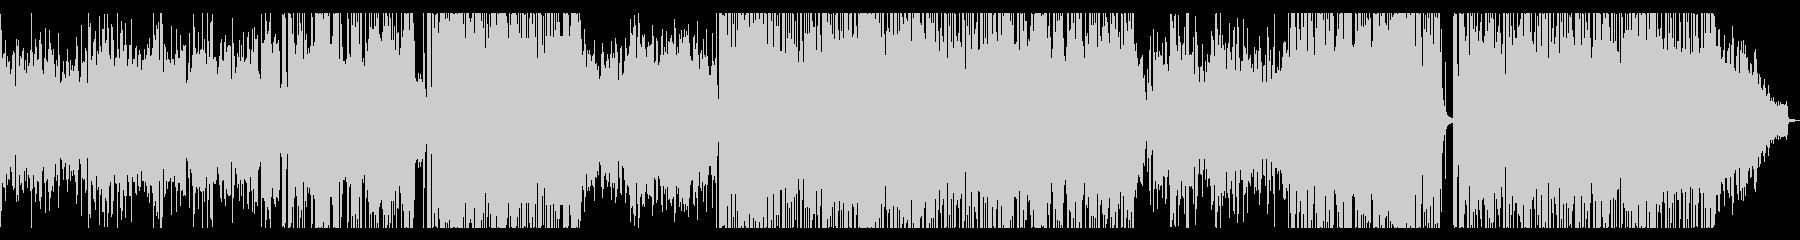 「幸せ」がテーマのアコギバラードの未再生の波形